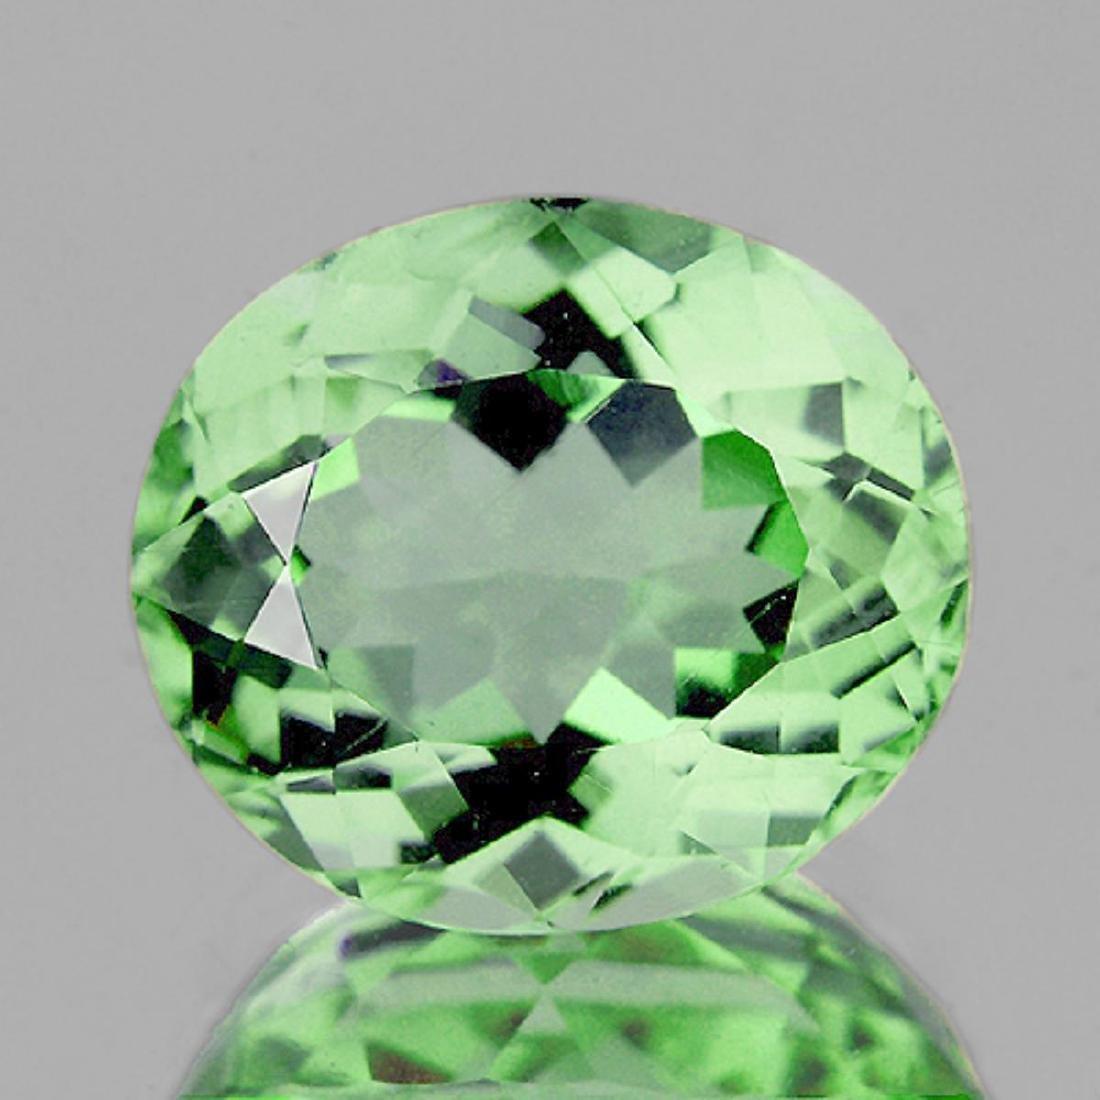 Natural Healing Green Color Amethyst 14.98 Cts - VVS